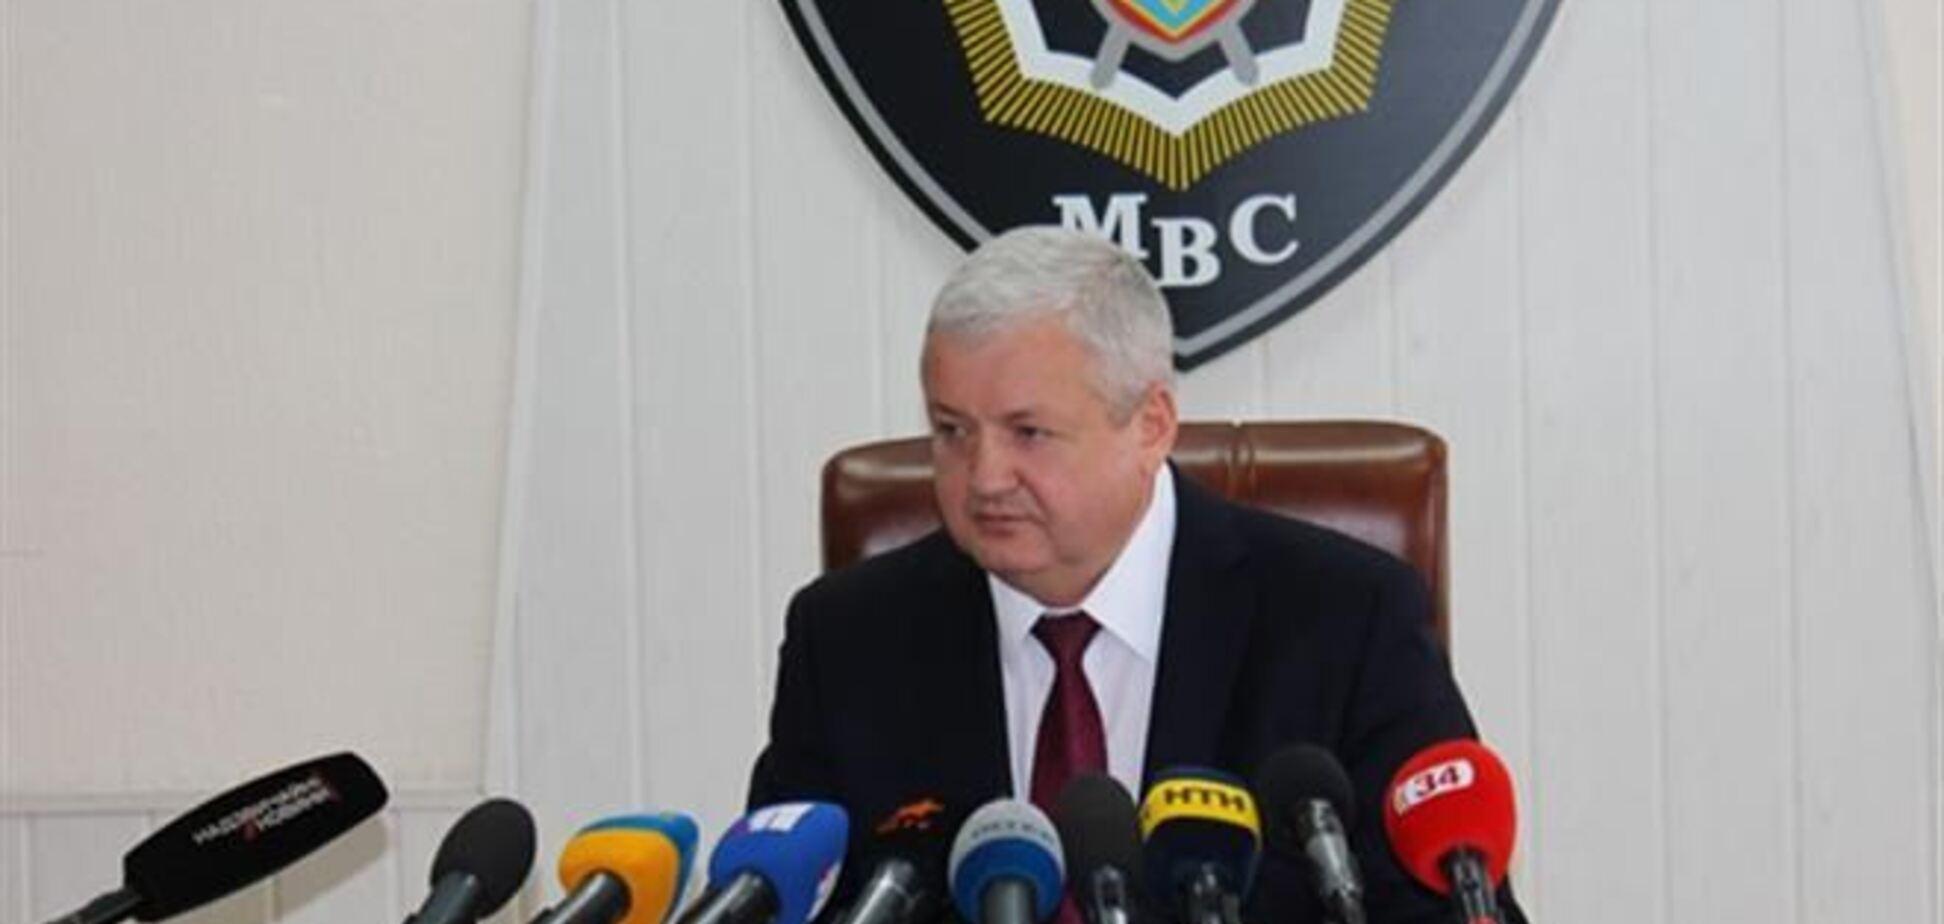 Власти Днепропетровска пригрозили сепаратистам, милиция усилила охрану админзданий